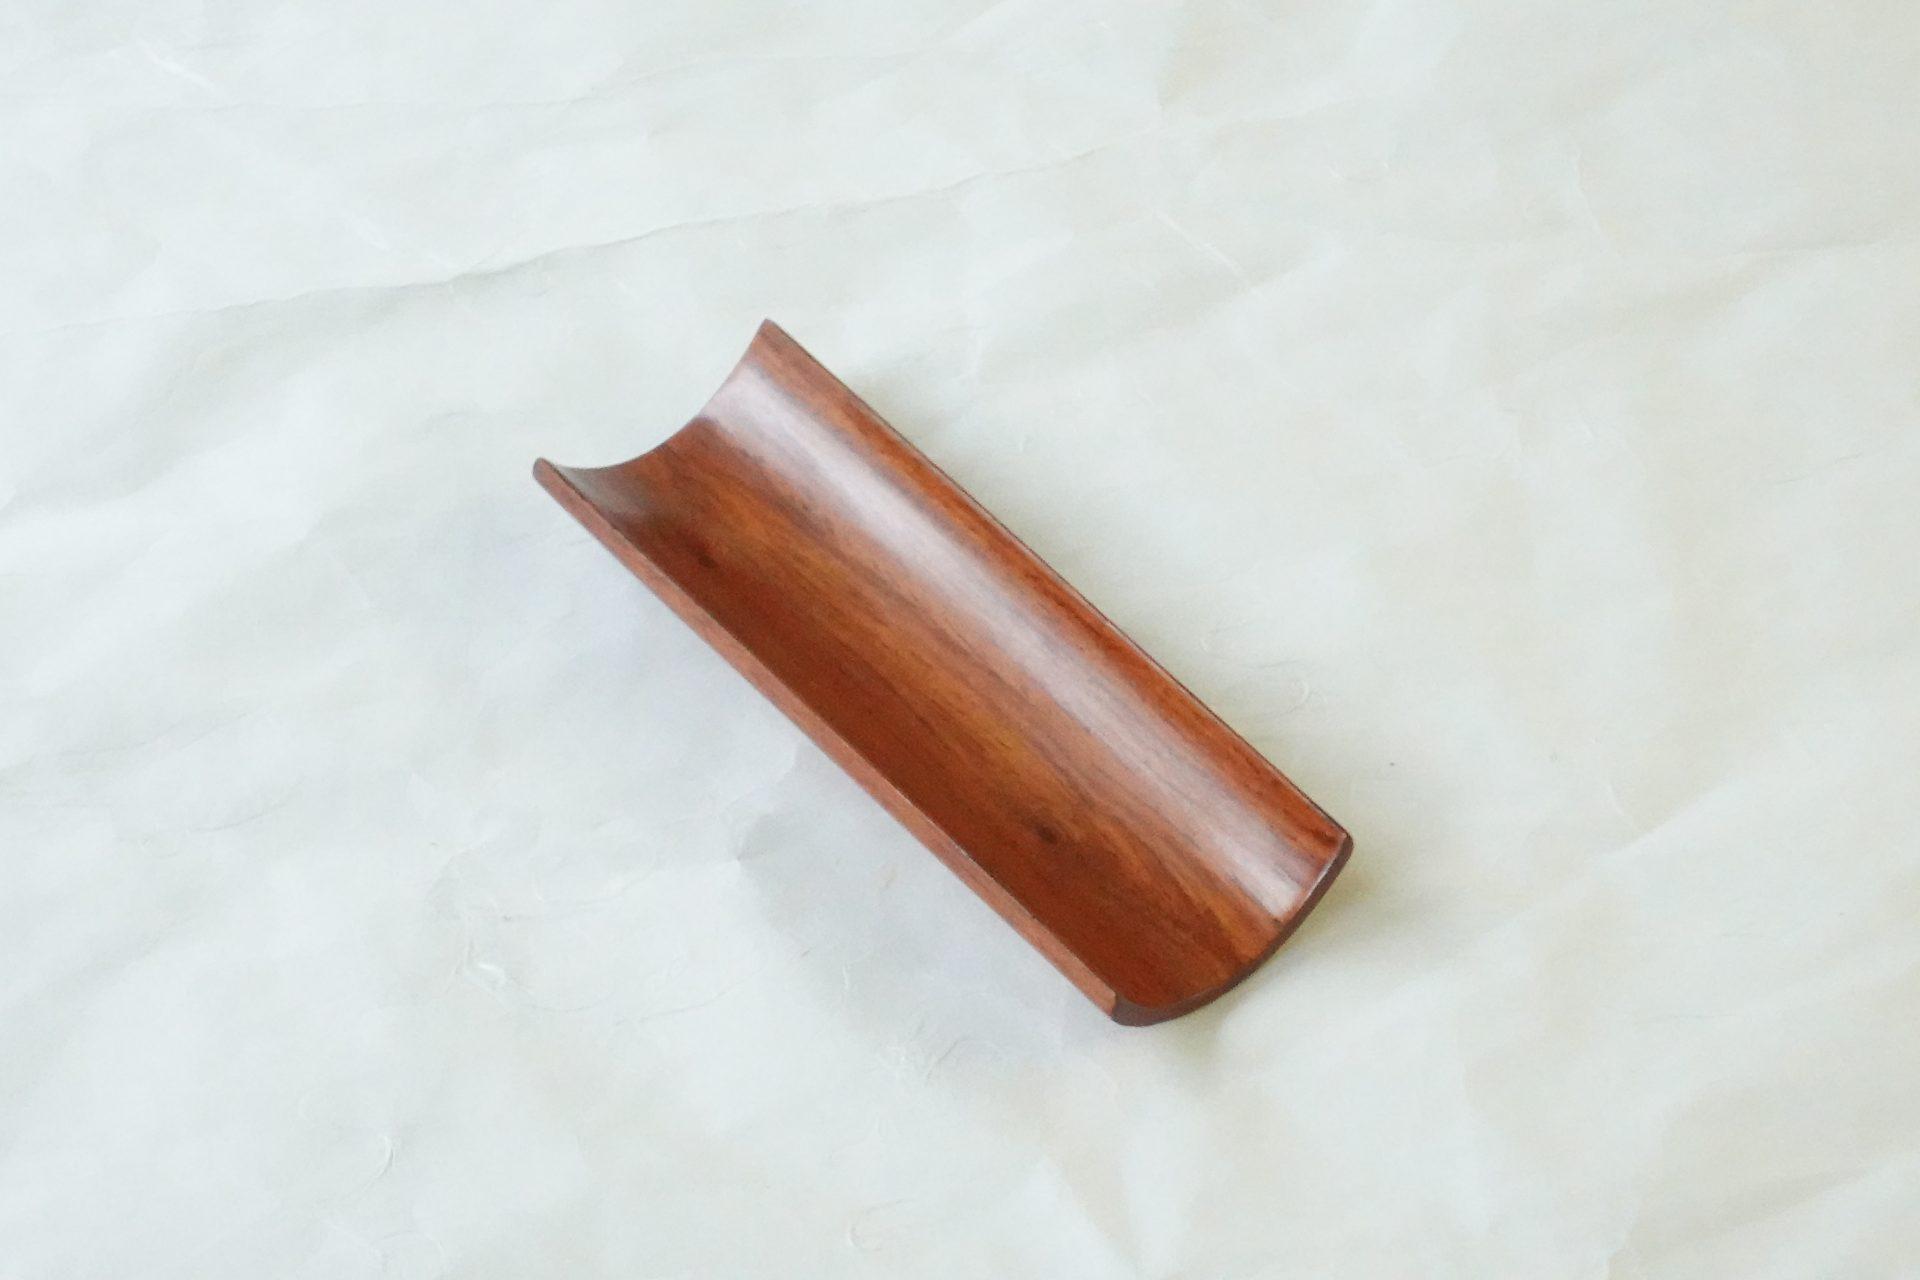 漆器 日本製 木製 紅木 こうぼく 茶合 ちゃごう 茶葉 急須に入れる 煎茶 必要な道具 良質な紫檀 紫檀は堅い 高級漆器 彫り 磨き つるつる